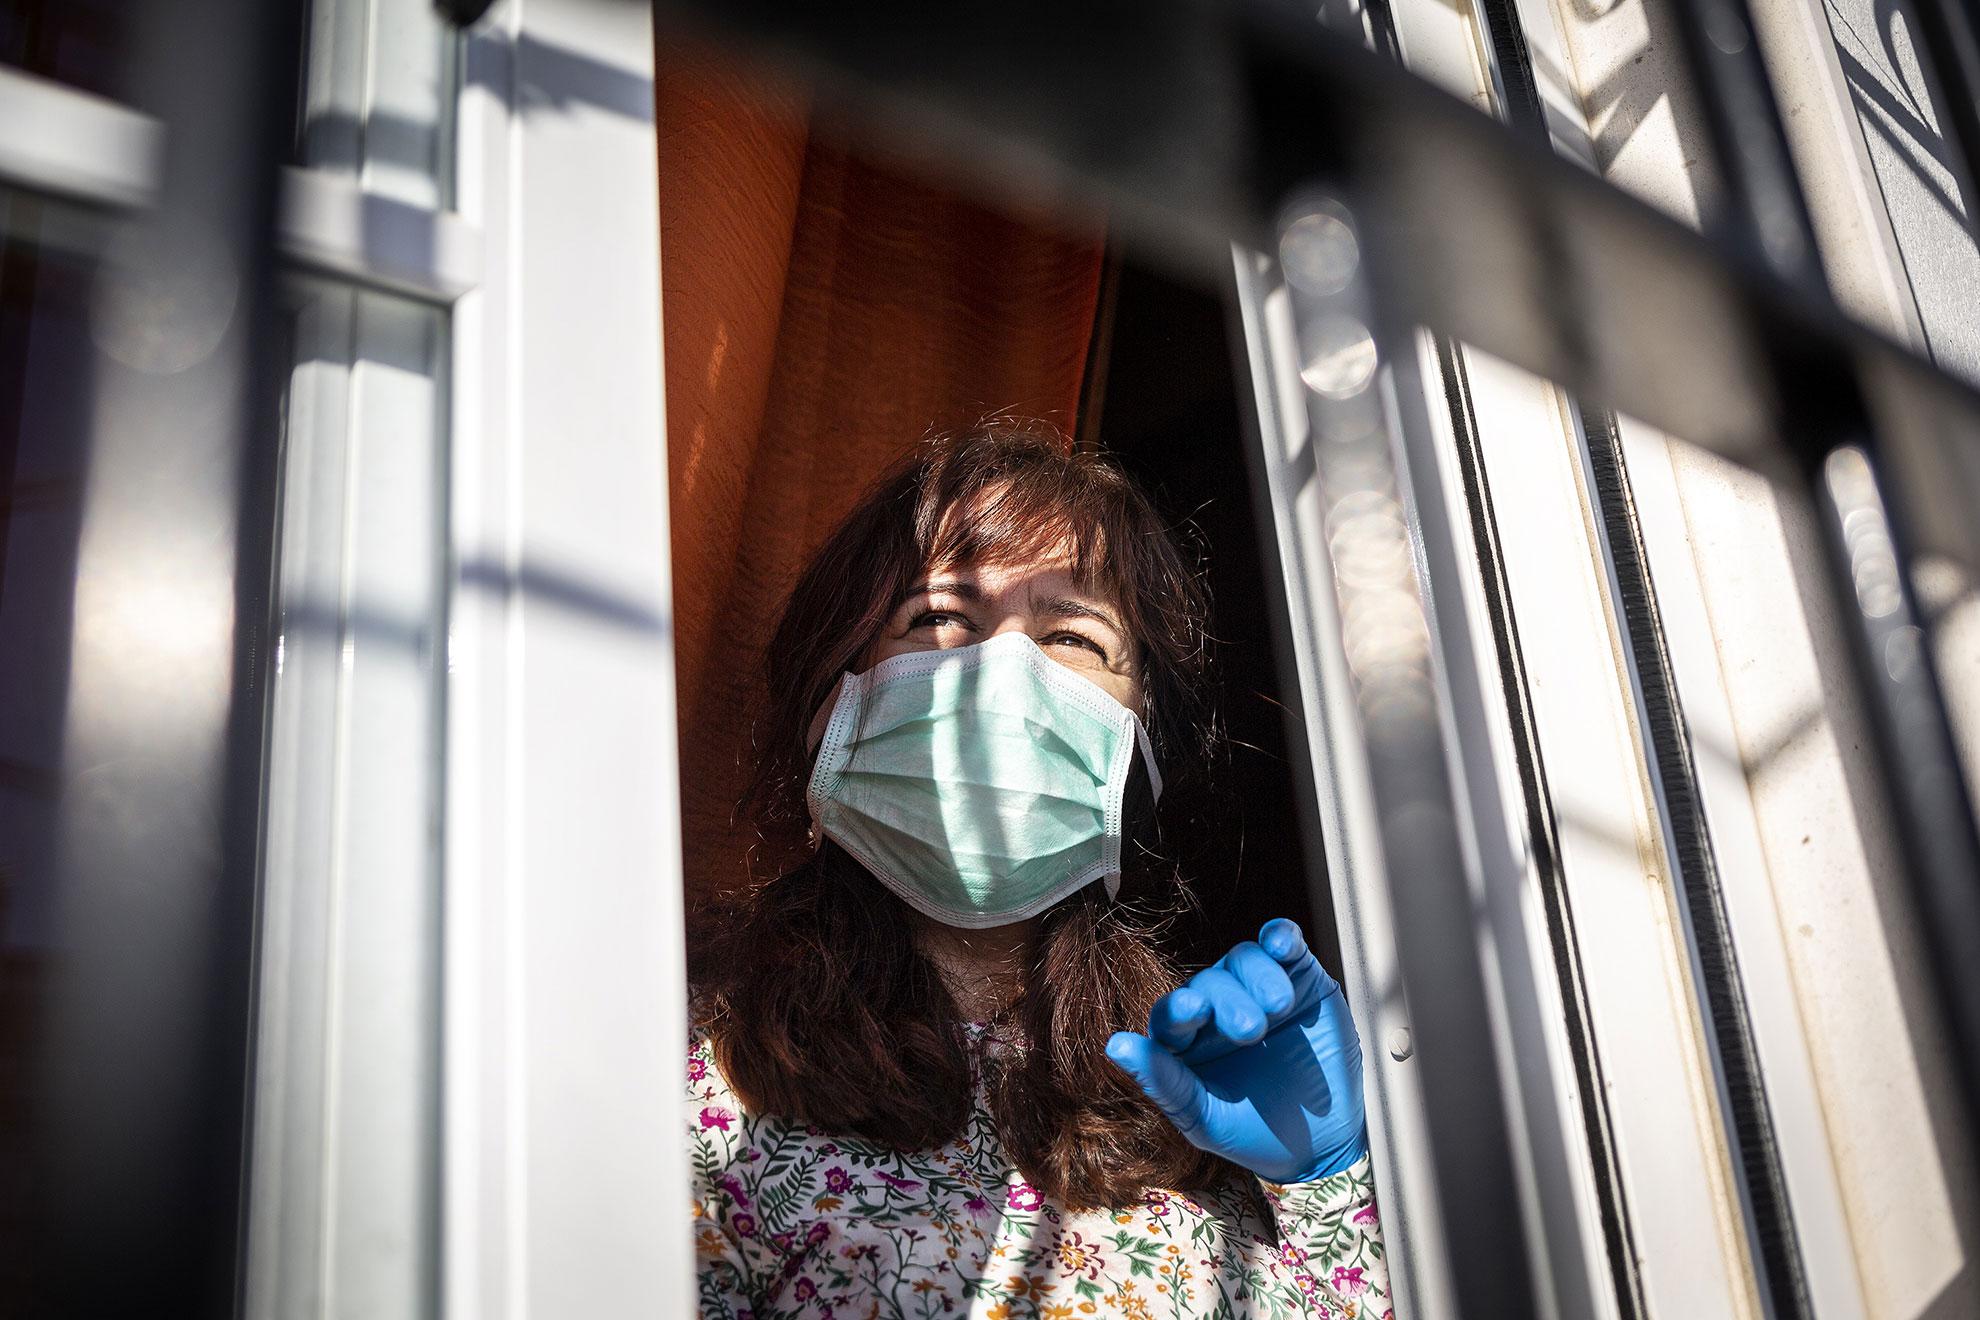 Nerva (Huelva) Merchy de 45 años, trabaja en el departamento de Rayos X del Hospital de Riotinto (Huelva). El 15 de Marzo comenzó a sentir los sintomas propios del coronavirus. Pocos días más tarde le confirmaron que se había contagiado del COVID 19. Desde entonces lleva aislada en su casa de Nerva (Huelva) pasando la enfermedad, sin contacto físico con sus dos hijos y su marido. Ella se siente afortunada por que está superando la enfermedad sin grandes sufrimientos y pasa parte de su día animando a compañeros que están en su misma situación. Ha llevado su convalecencia desde el buen ánimo, alejándose al máximo de todas las noticias negativas. Lo único negativo que espera, es el resultado de su test al que se va a someter esta misma mañana.